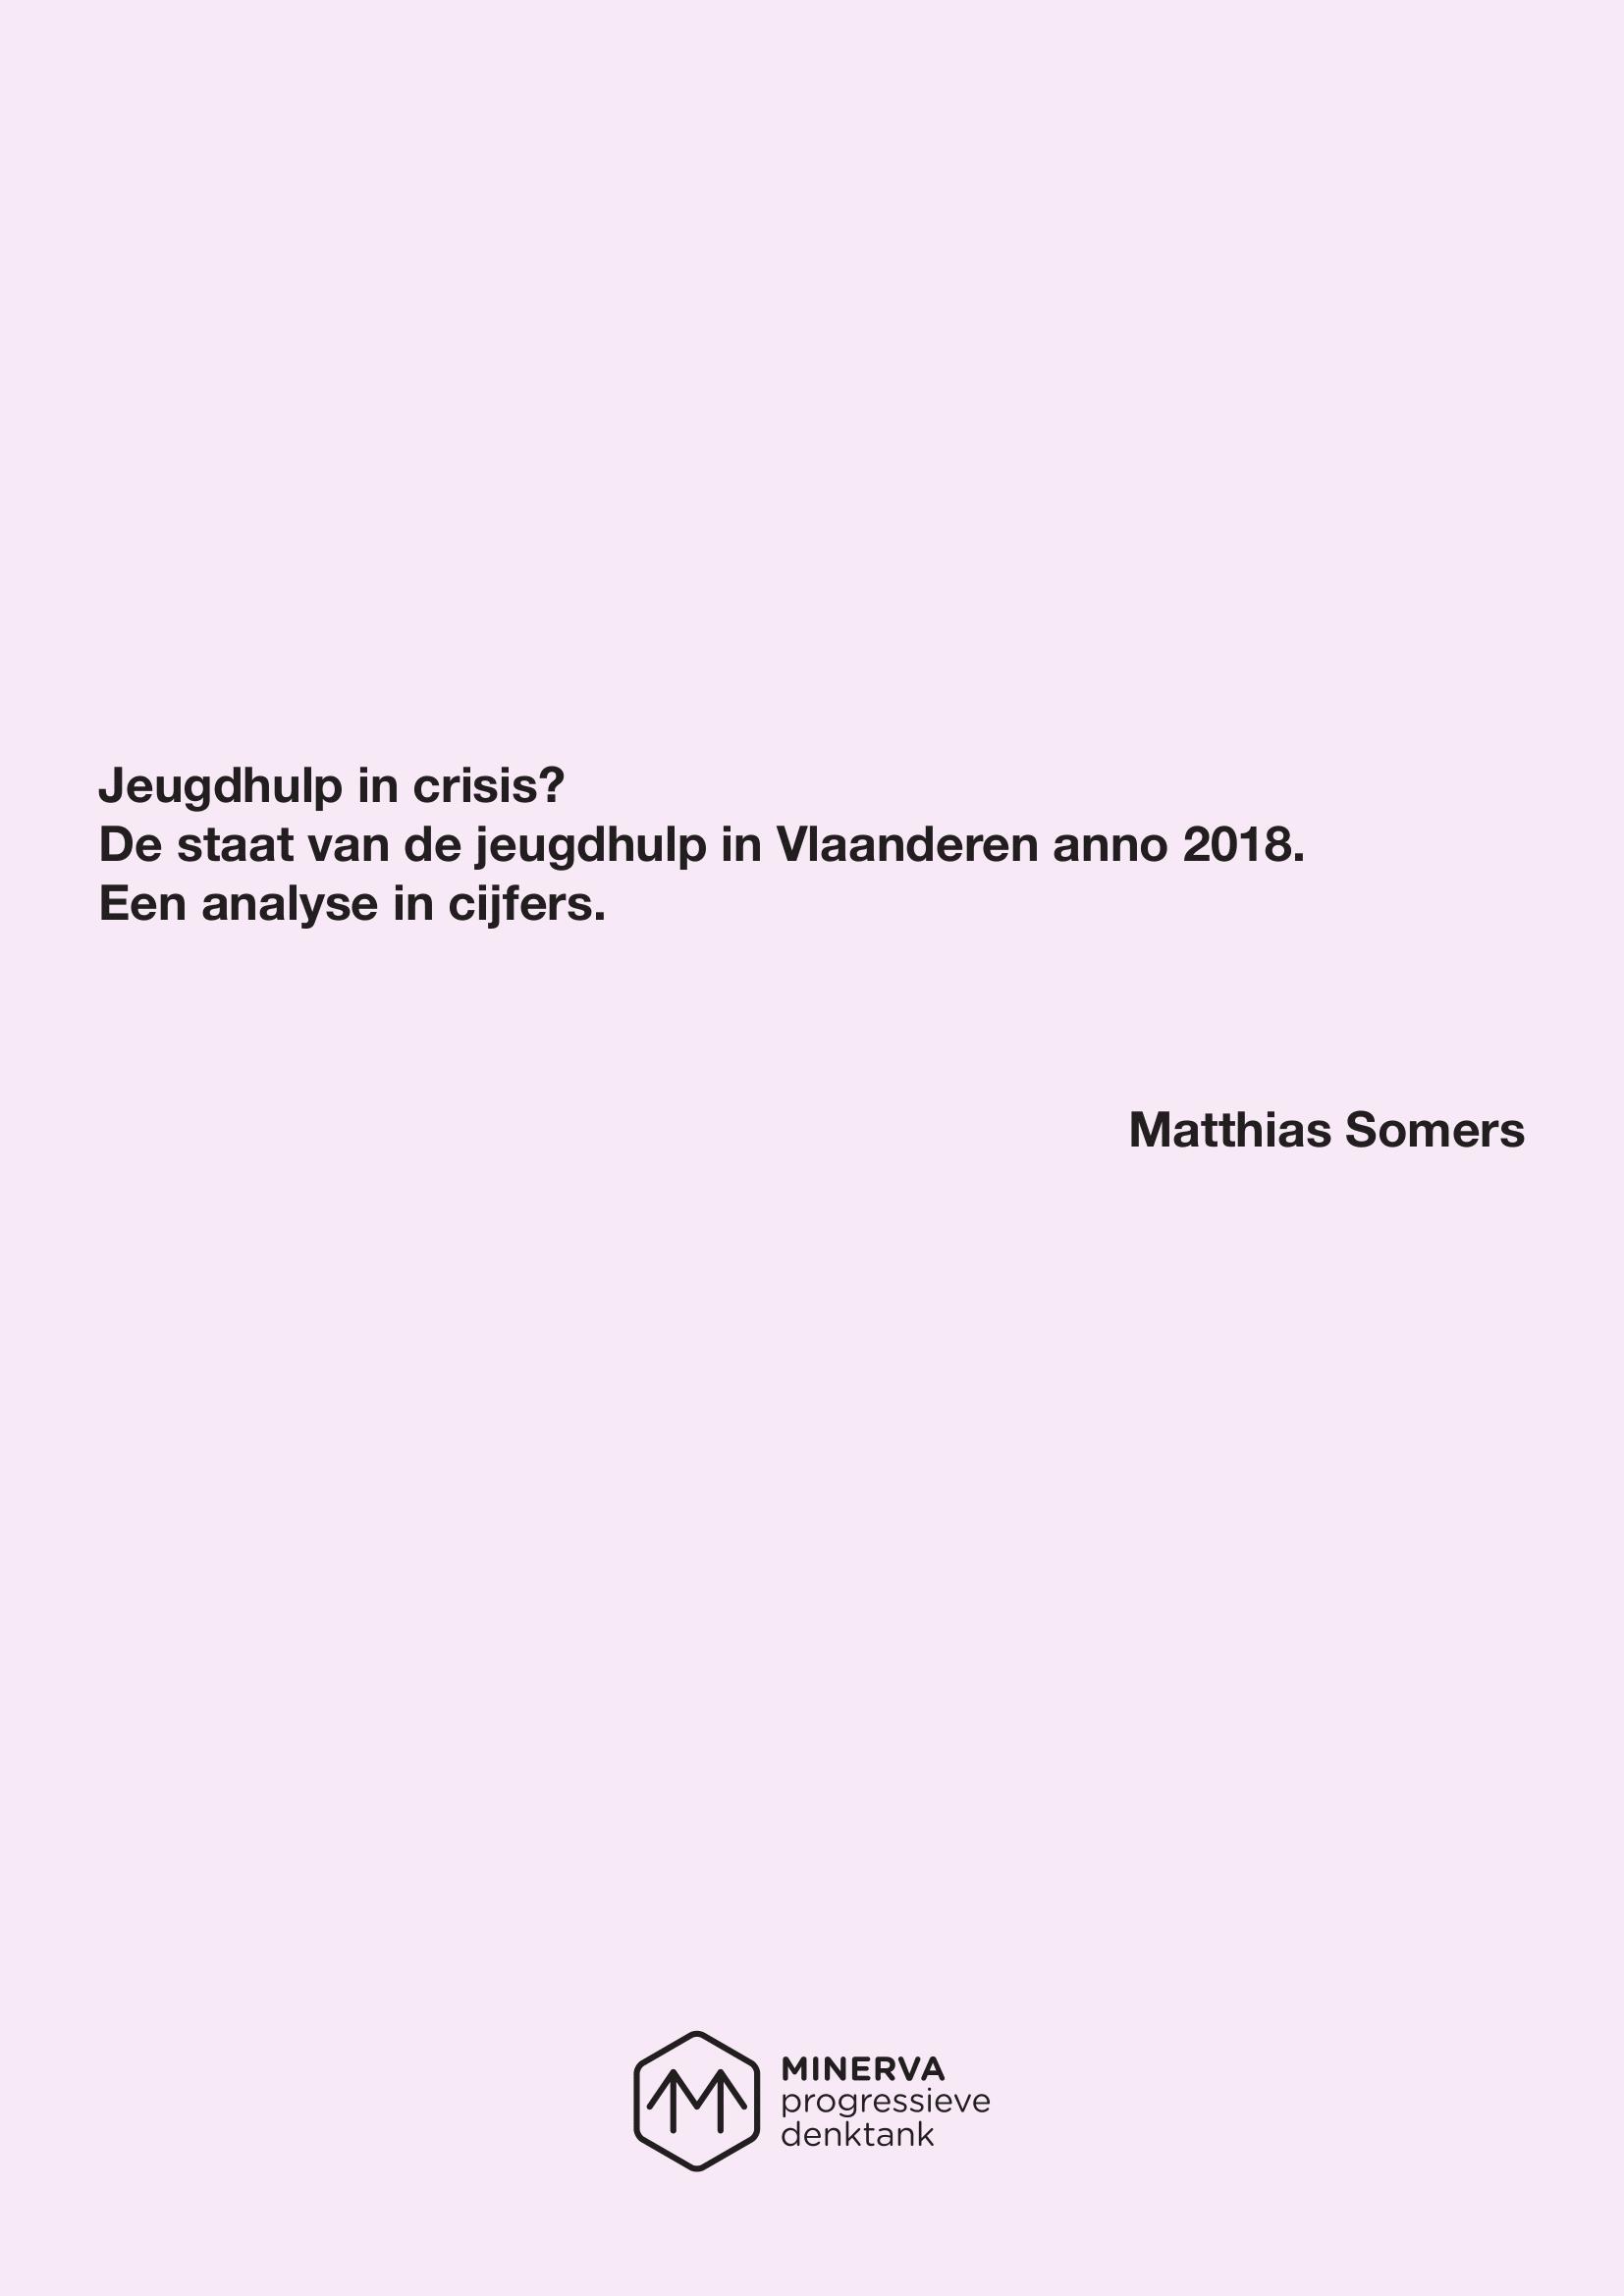 Jeugdhulp in crisis? - De staat van de jeugdhulp in Vlaanderen anno 2018. Een analyse in cijfers – Matthias Somers